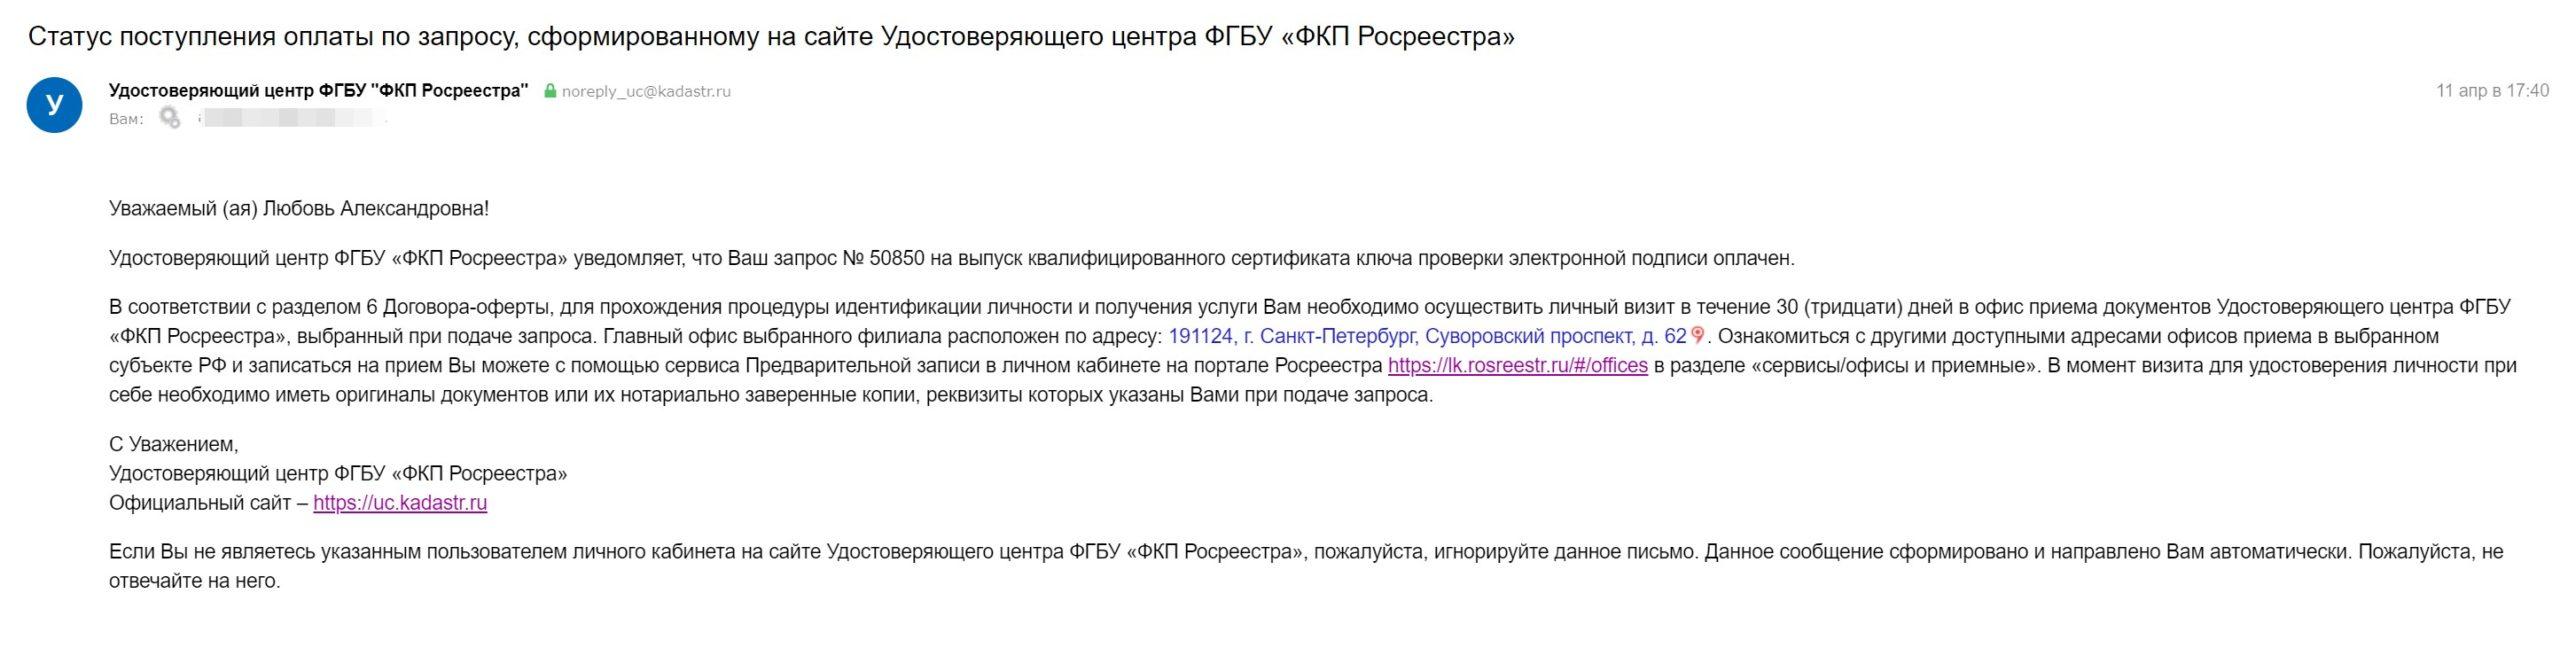 Приглашение в кадастровую палату для получения ЭЦП